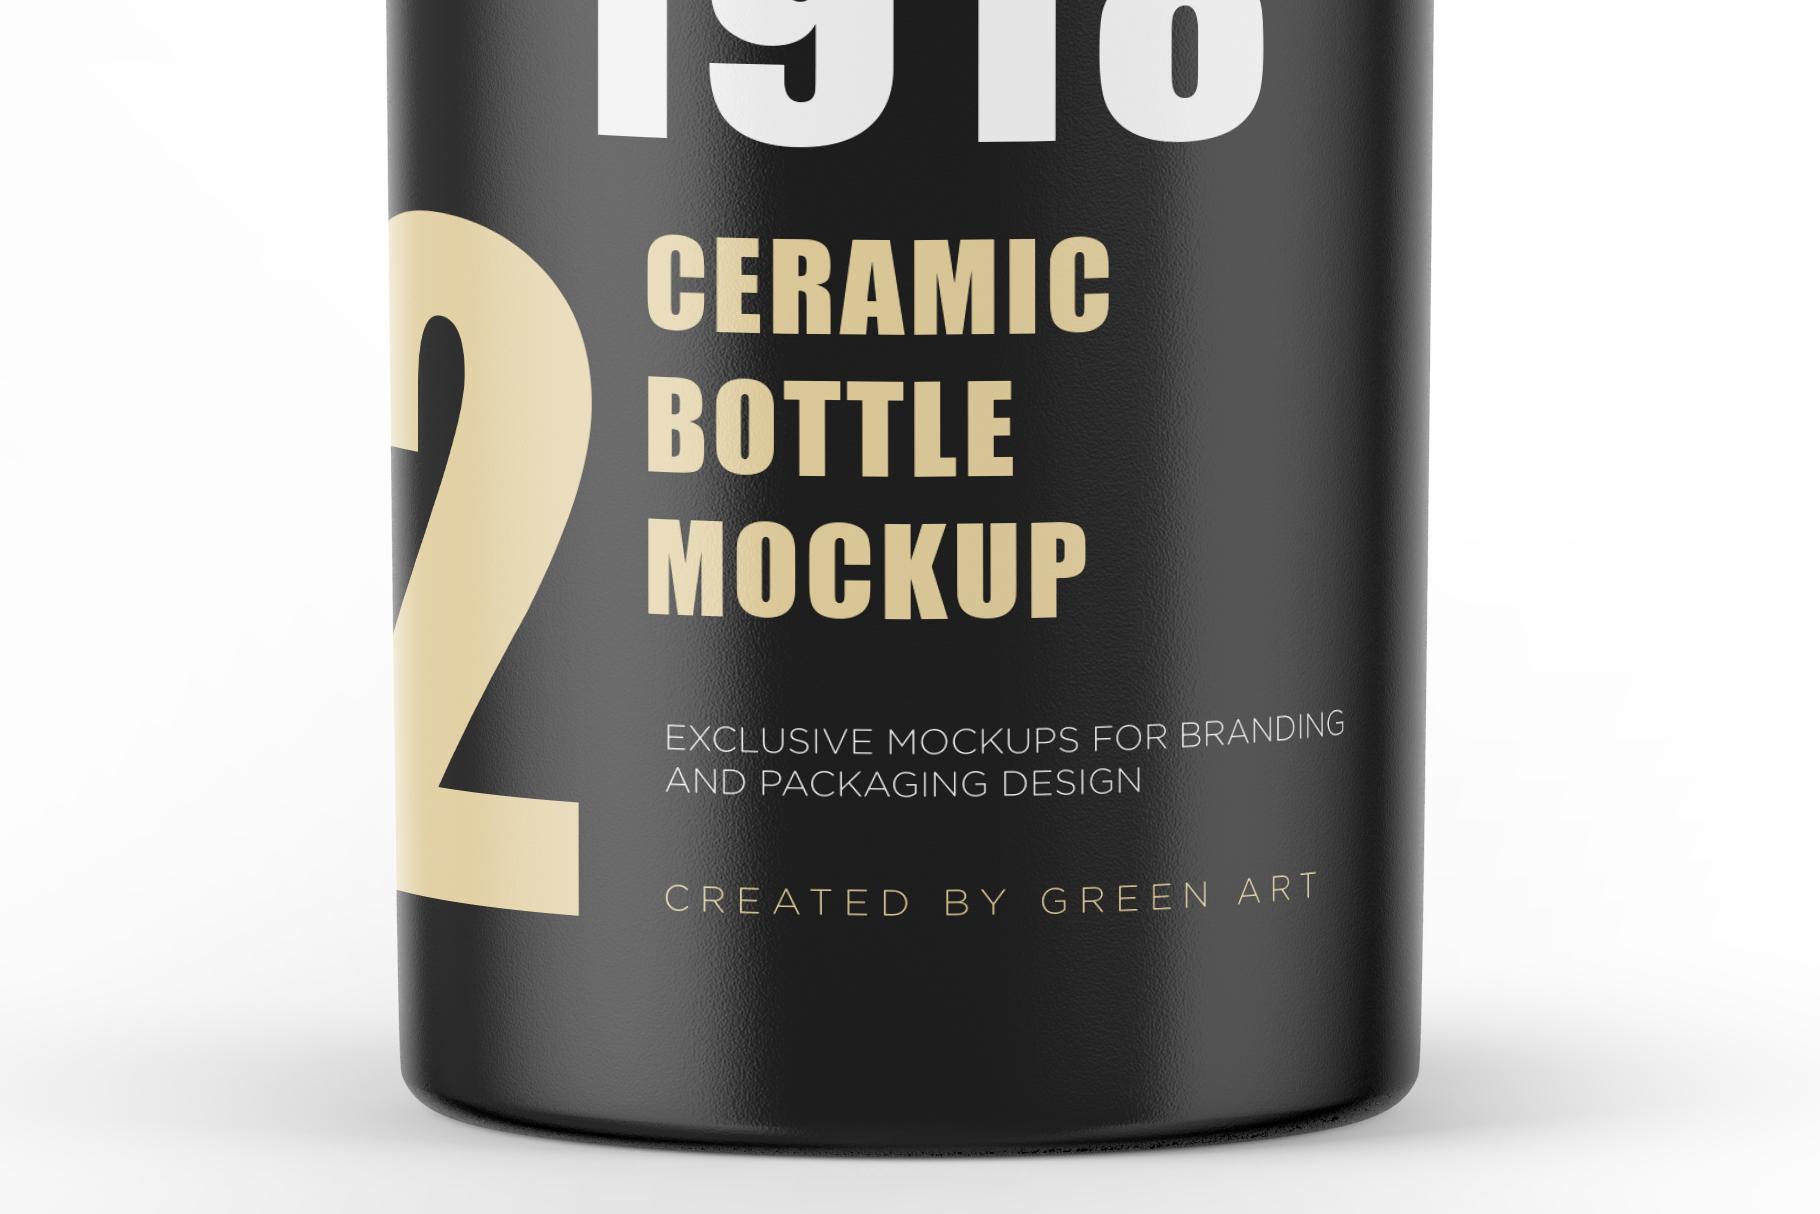 Ceramic Bottle Mockup example image 6